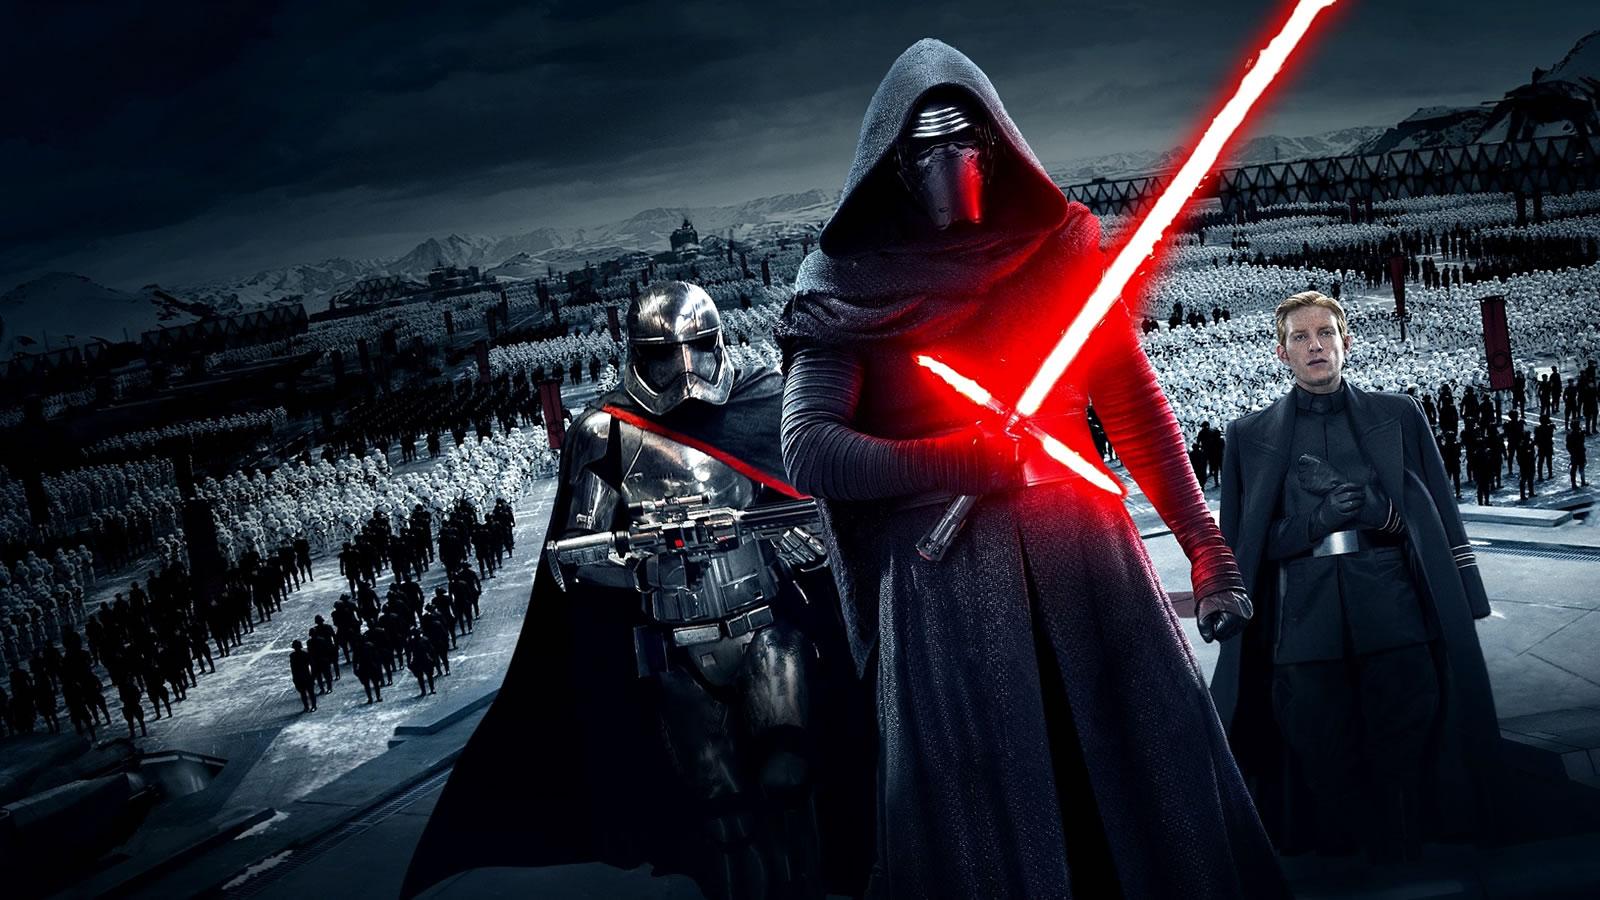 Star Wars The Force Awakens Wallpaper 3 Windowschimp